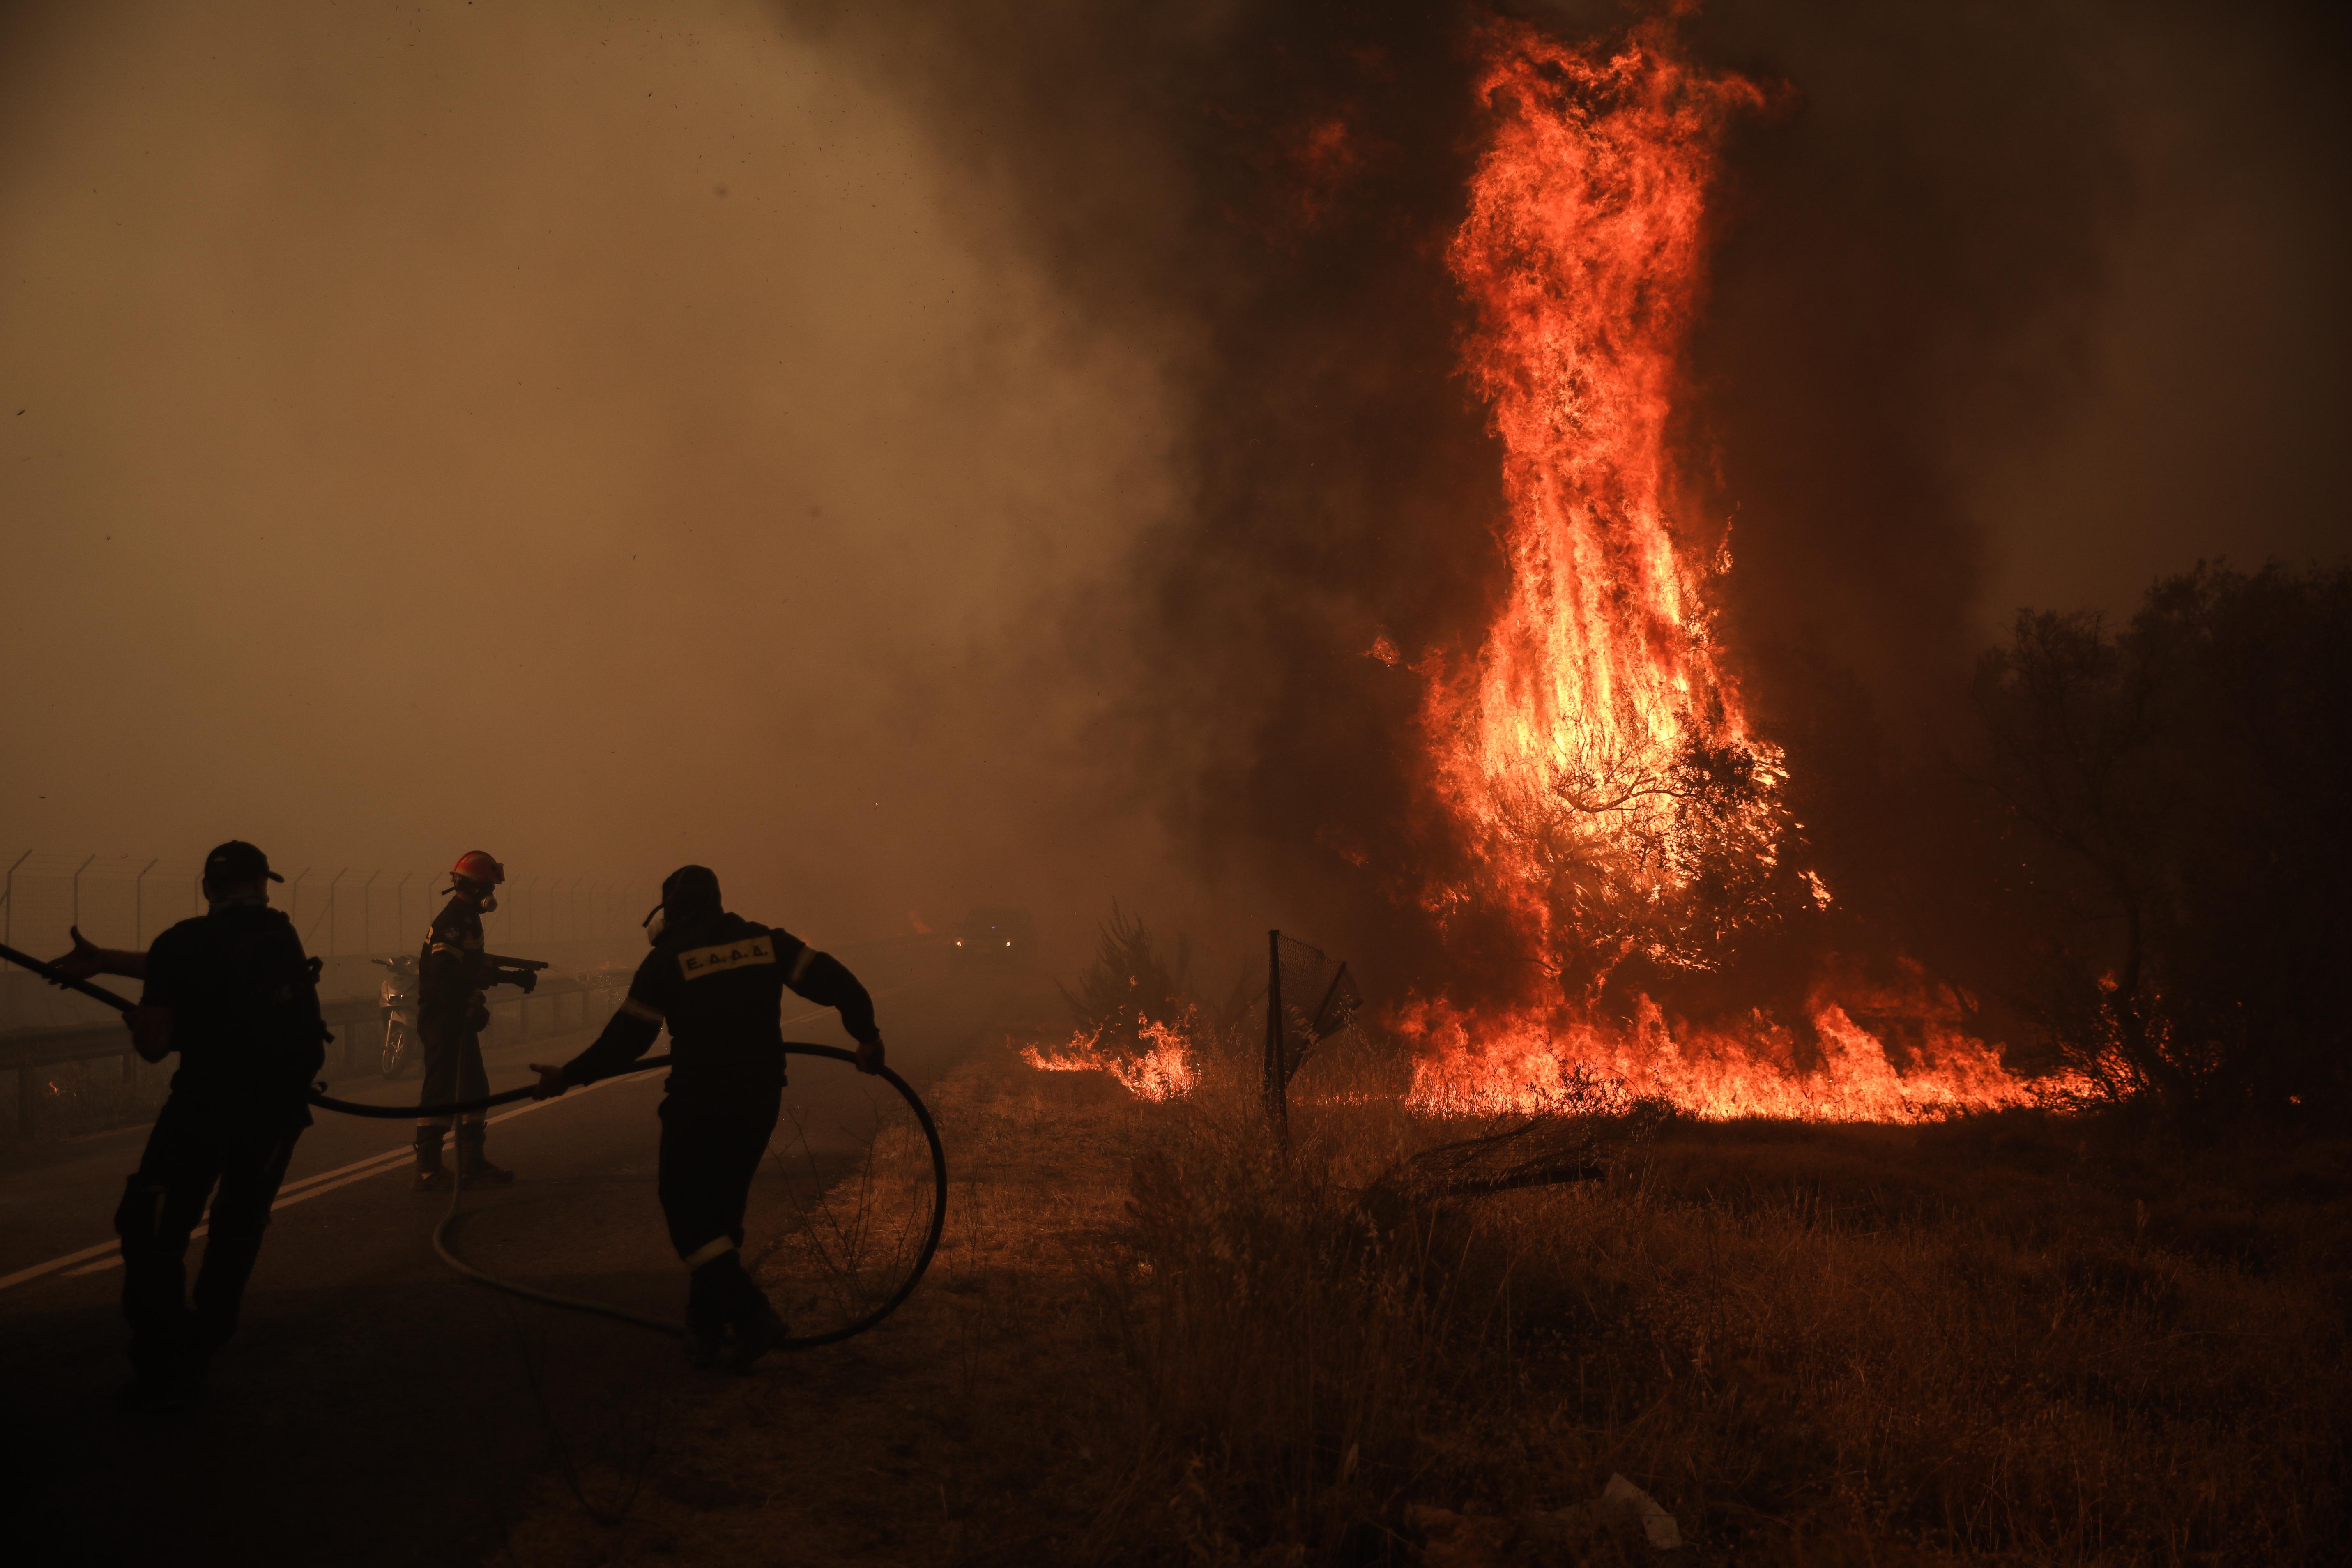 Προειδοποίηση Ζερεφoύ: «Δεν έχουμε δει ακόμη μεγάλες πυρκαγιές»